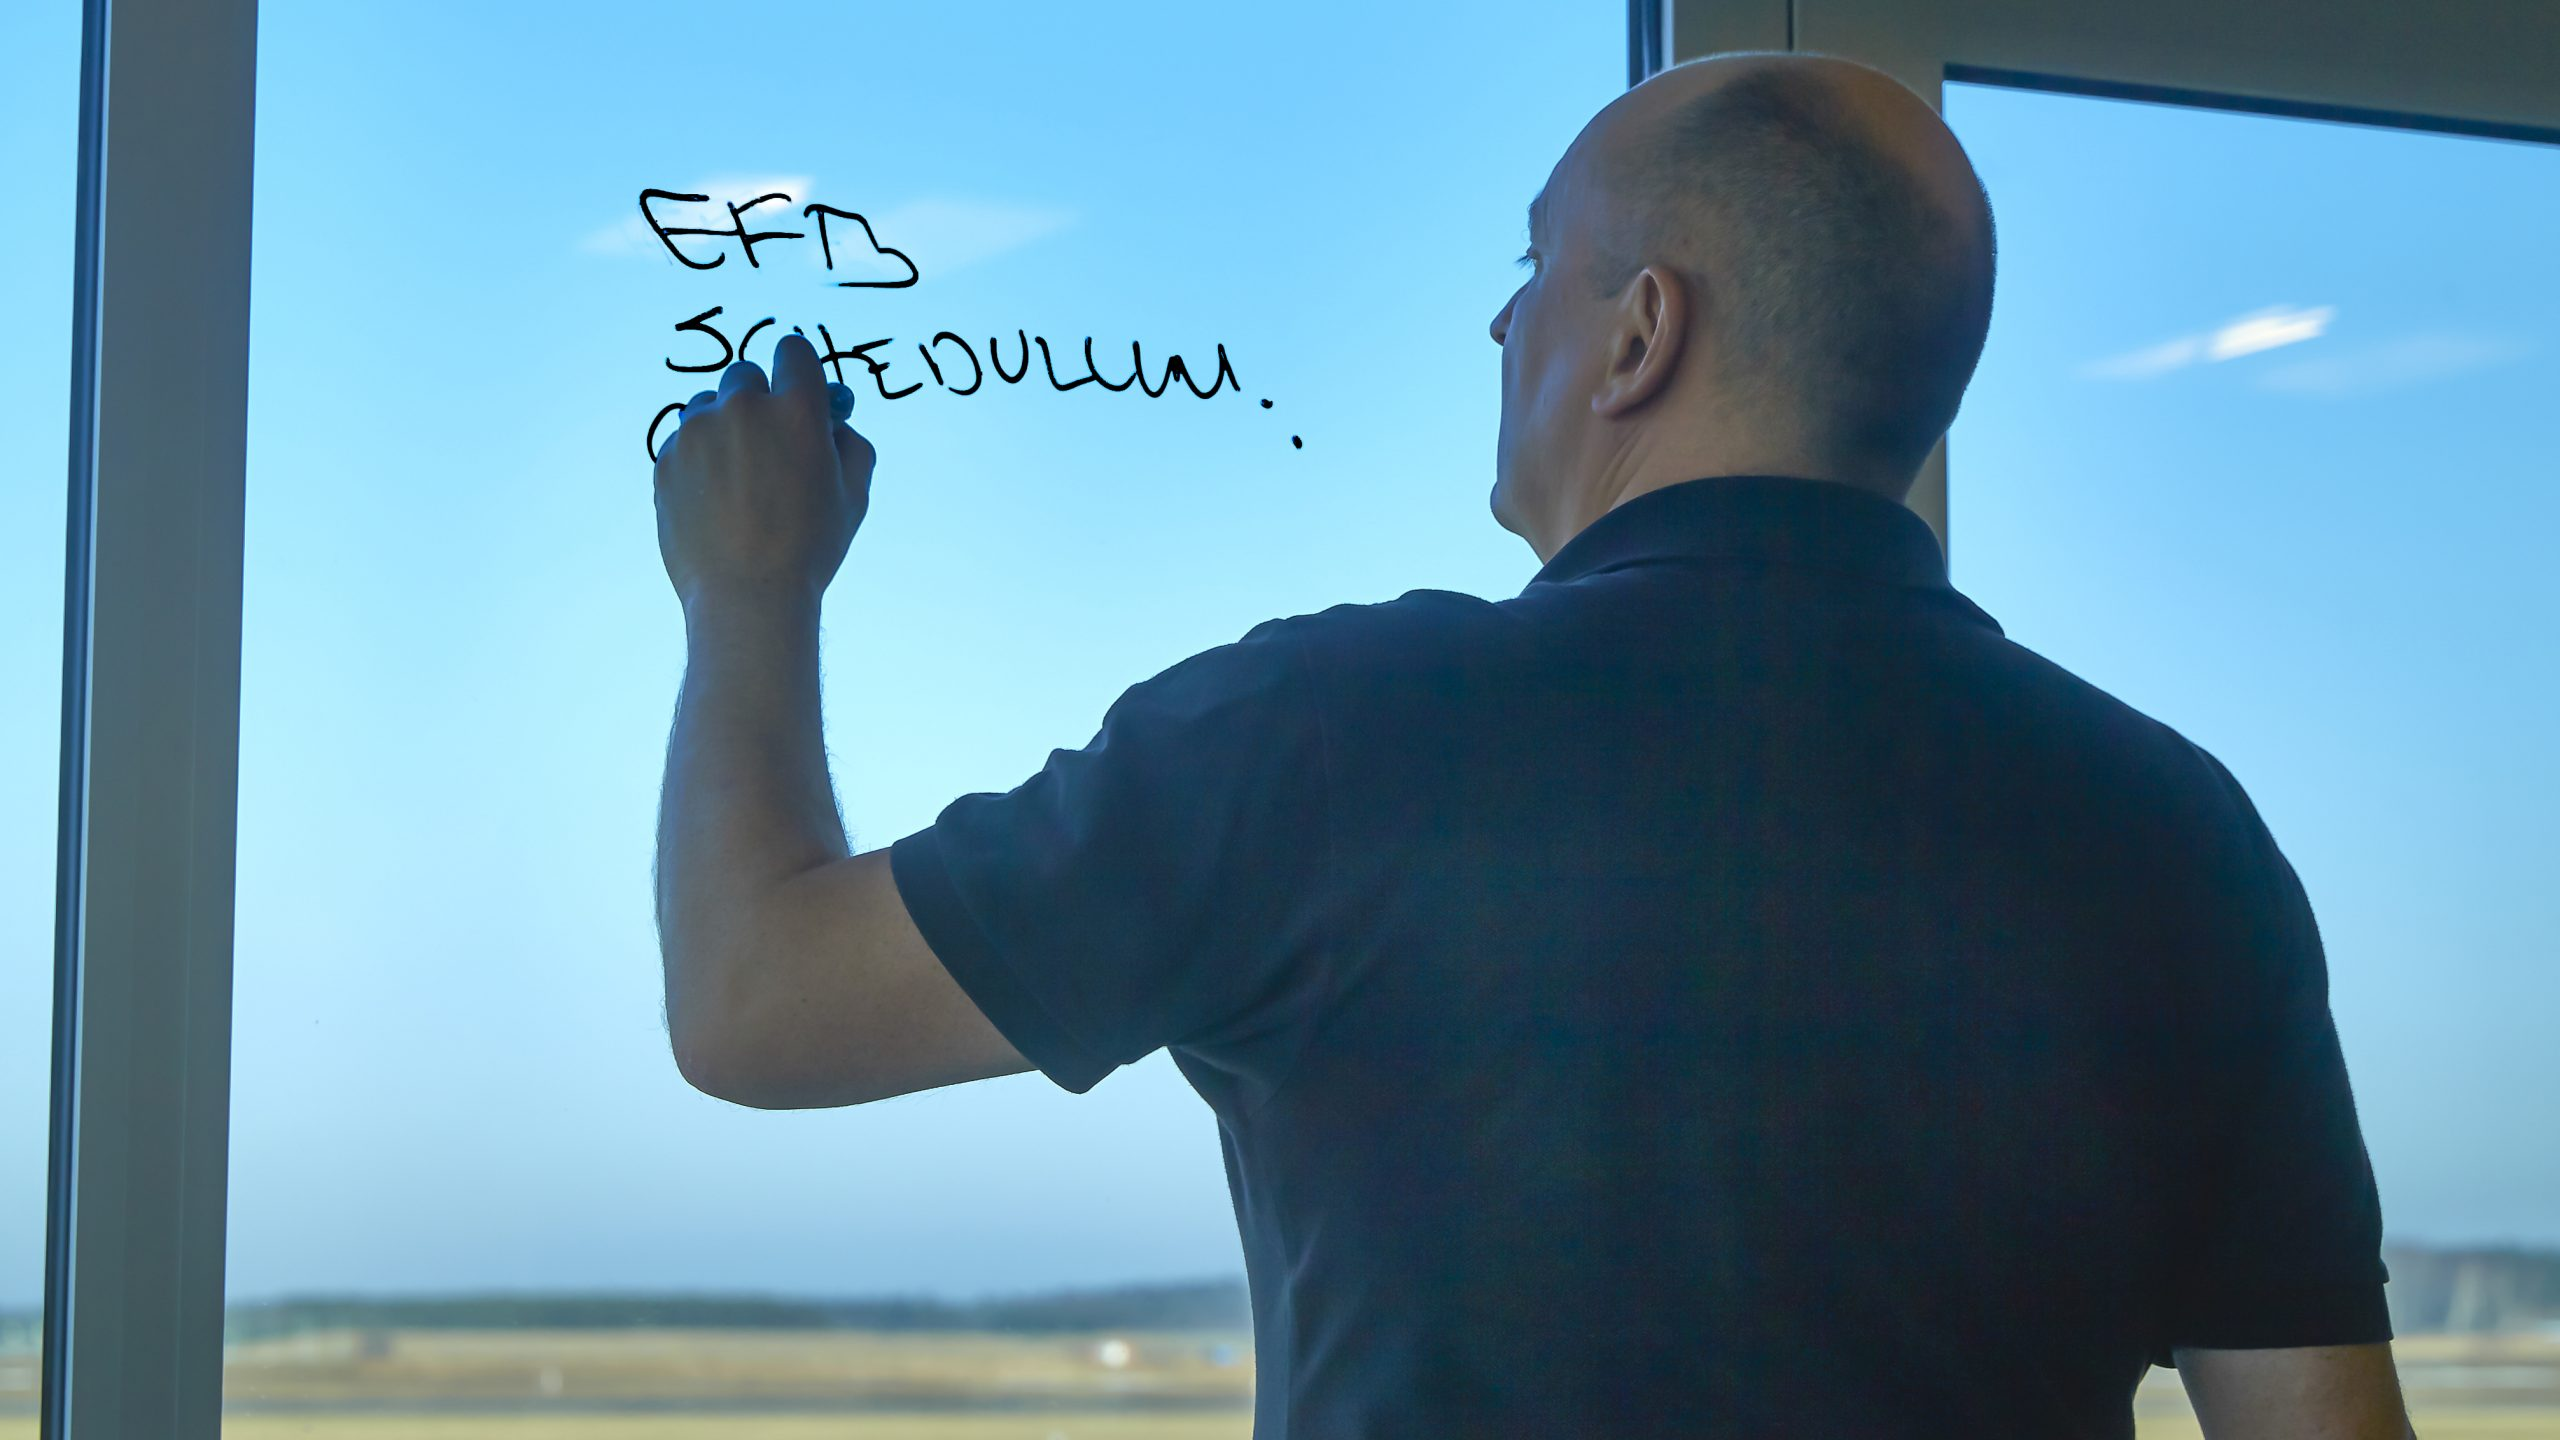 Adm. direktør Per Jensen fra Air Support i en klassisk arbejdssituation. (Privatfoto)